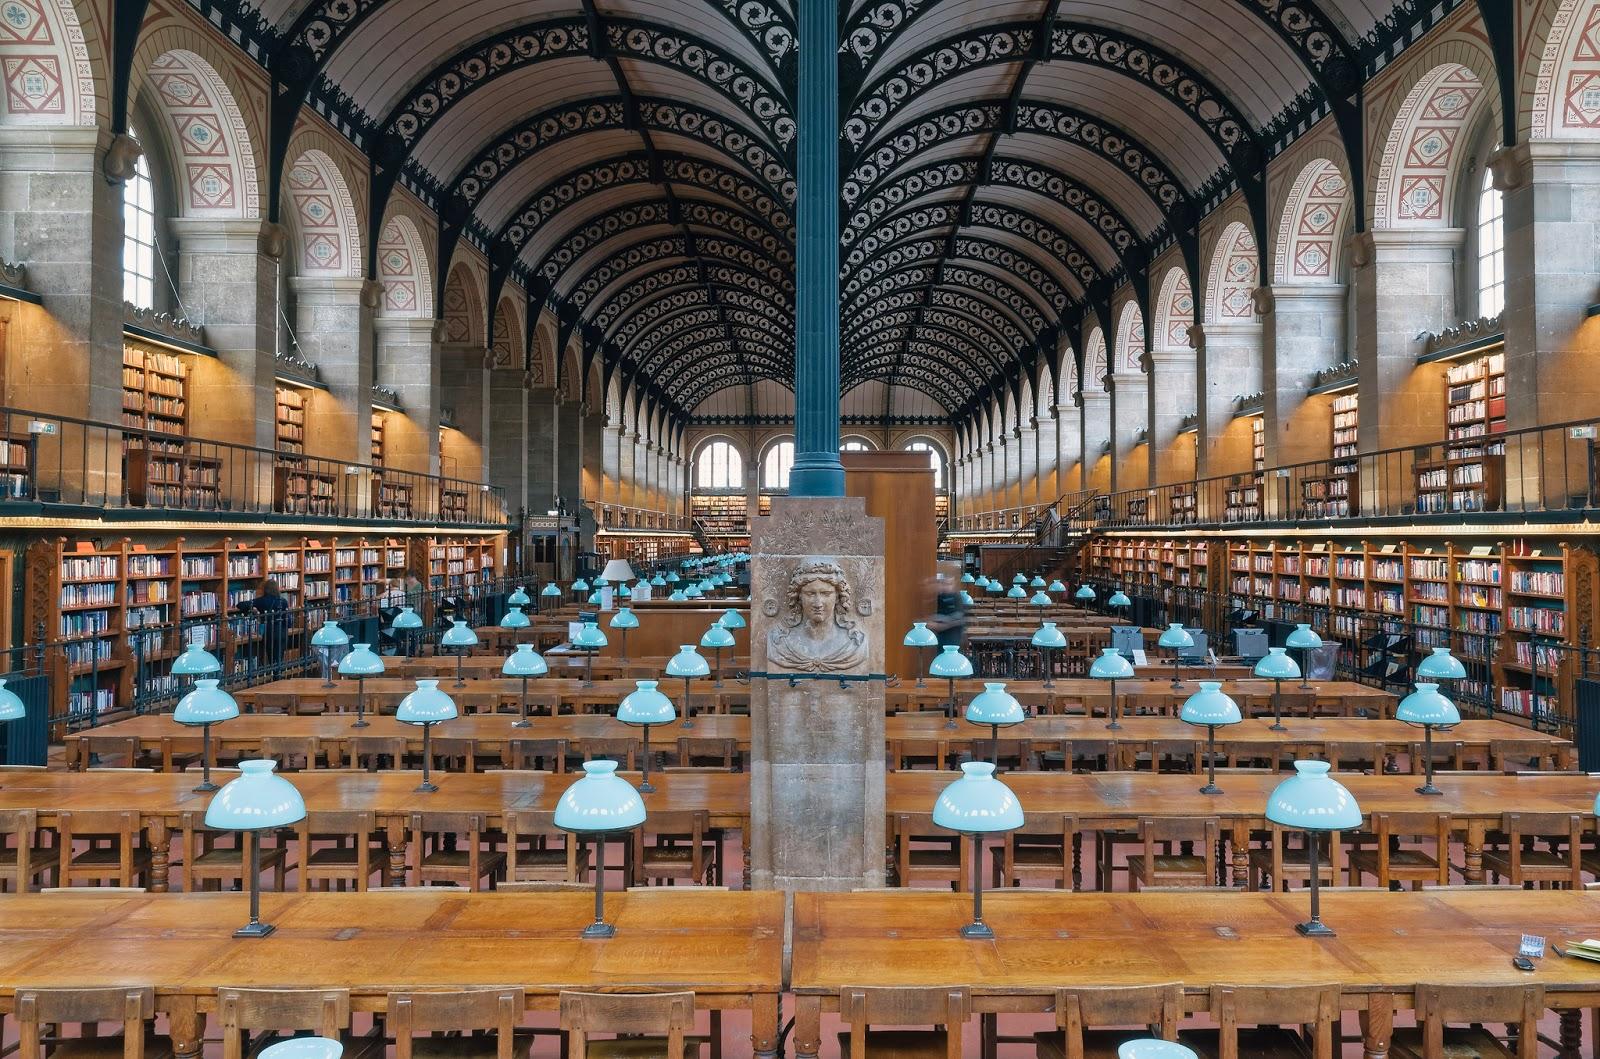 stellar four destination libraries